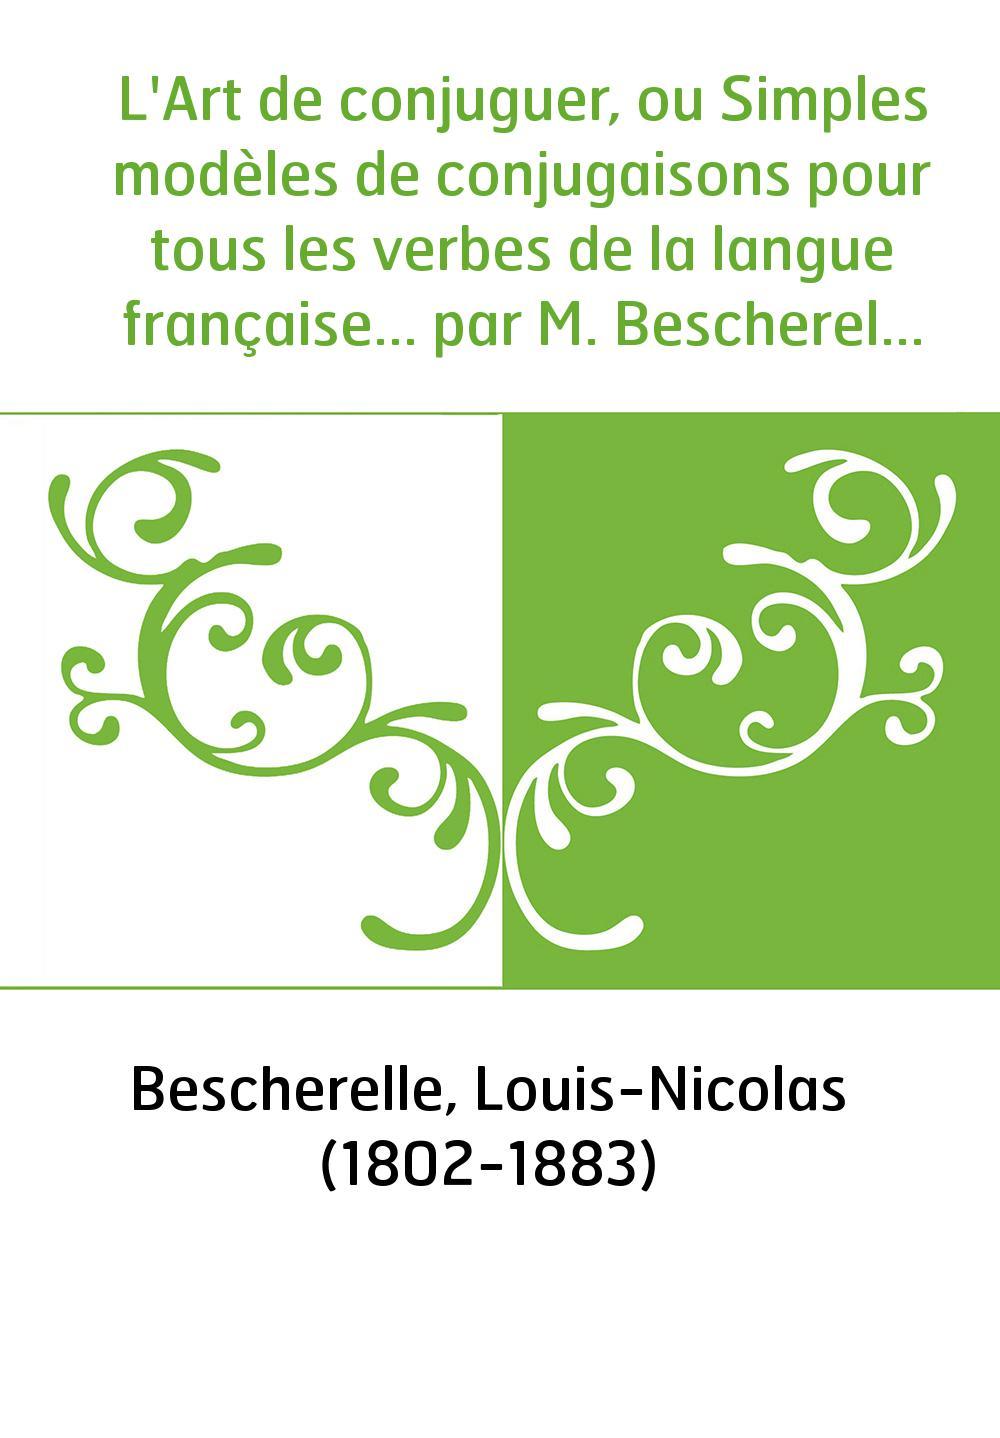 L'Art de conjuguer, ou Simples modèles de conjugaisons pour tous les verbes de la langue française... par M. Bescherelle aîné,..